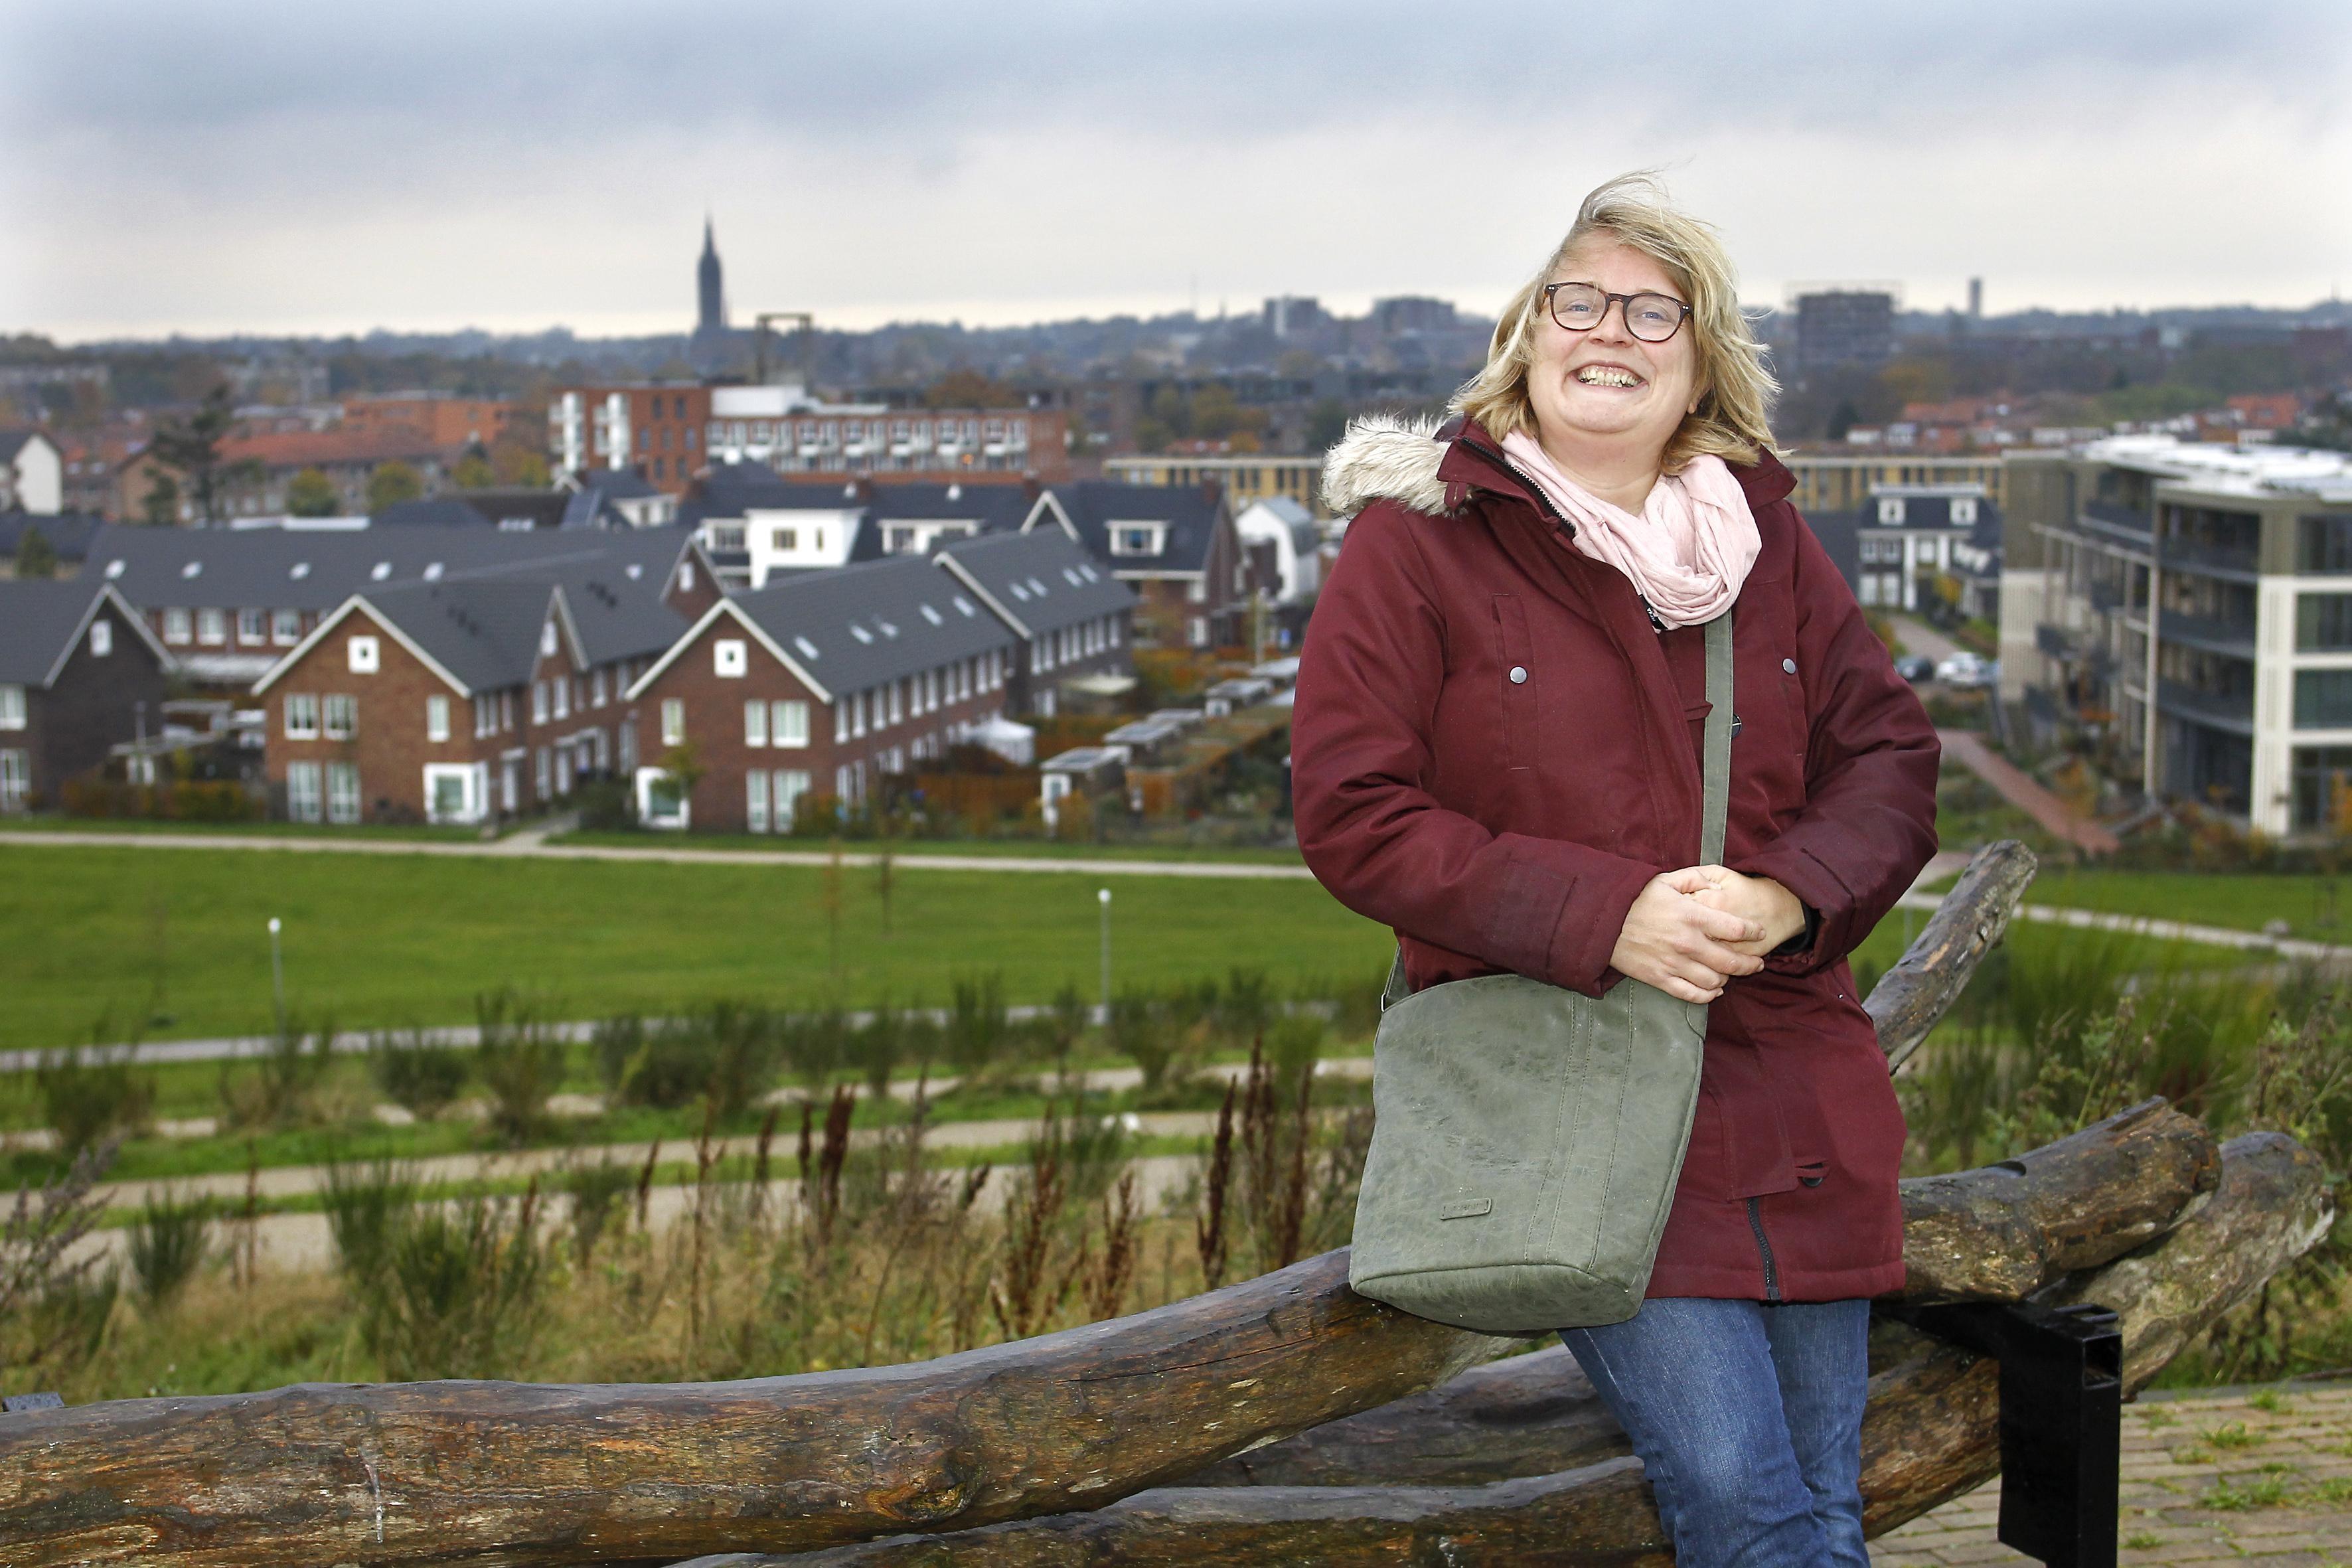 Hilversumse wil weer mooi feest op Anna's Berg: 'Een alternatief voor oud en nieuw' - De Gooi- en Eemlander